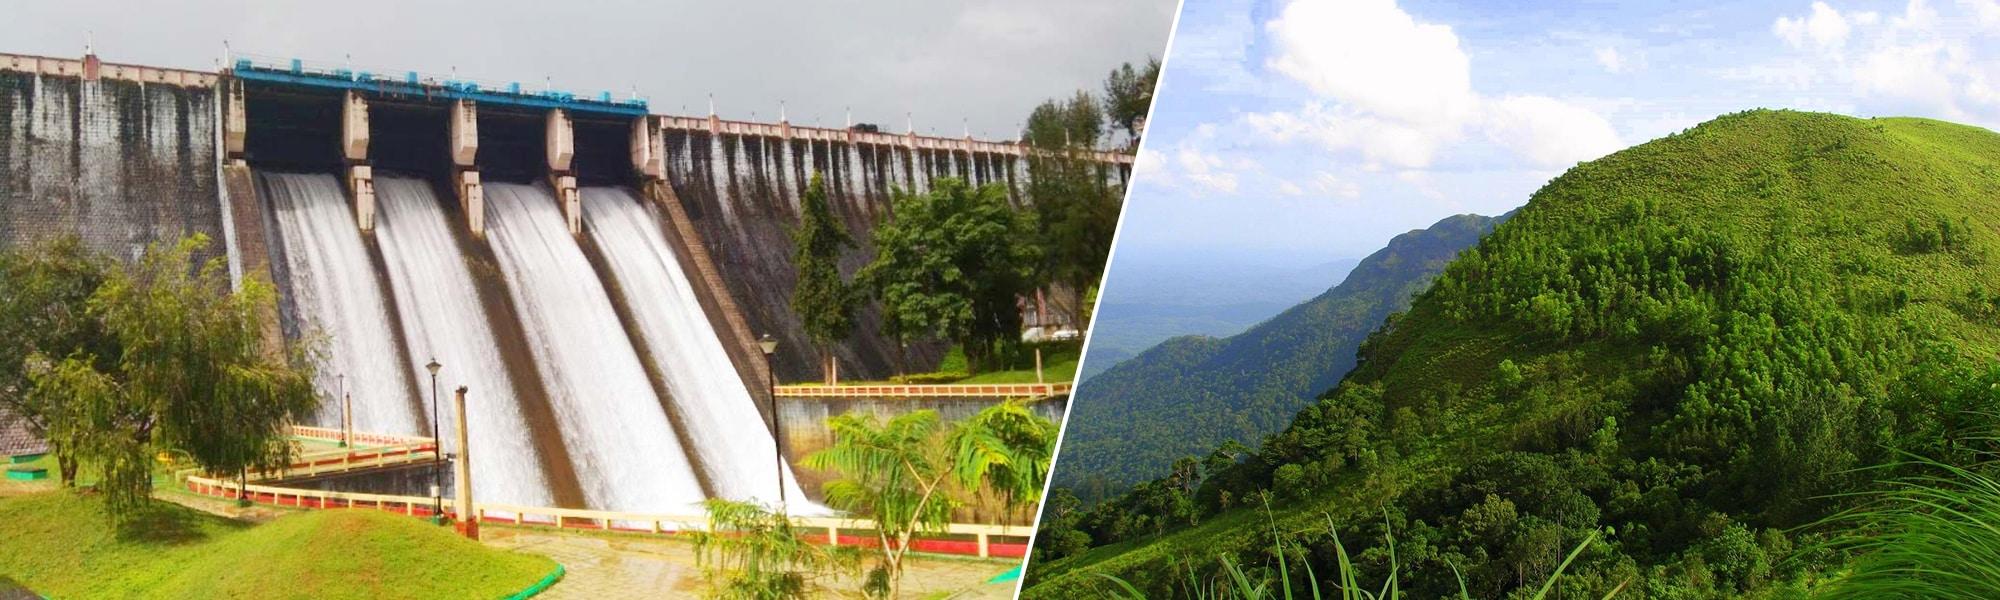 Thiruvananthapuram Adventure Tour